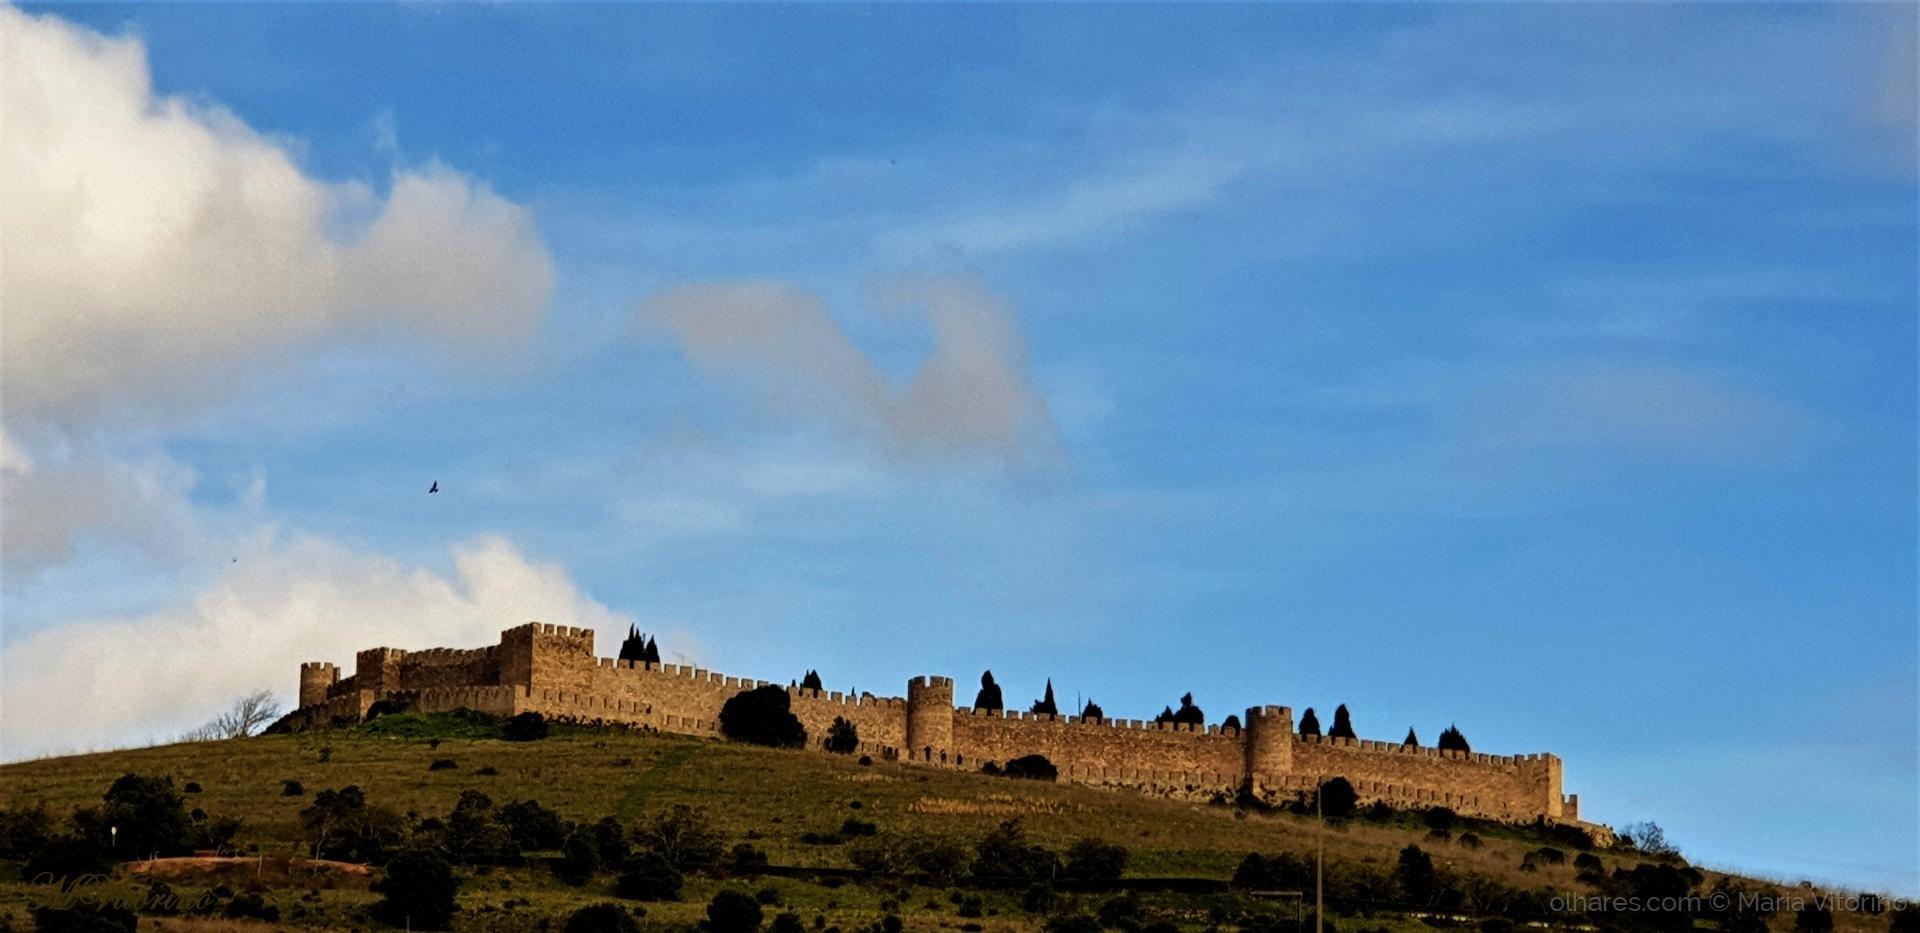 História/Sobrevoando o castelo